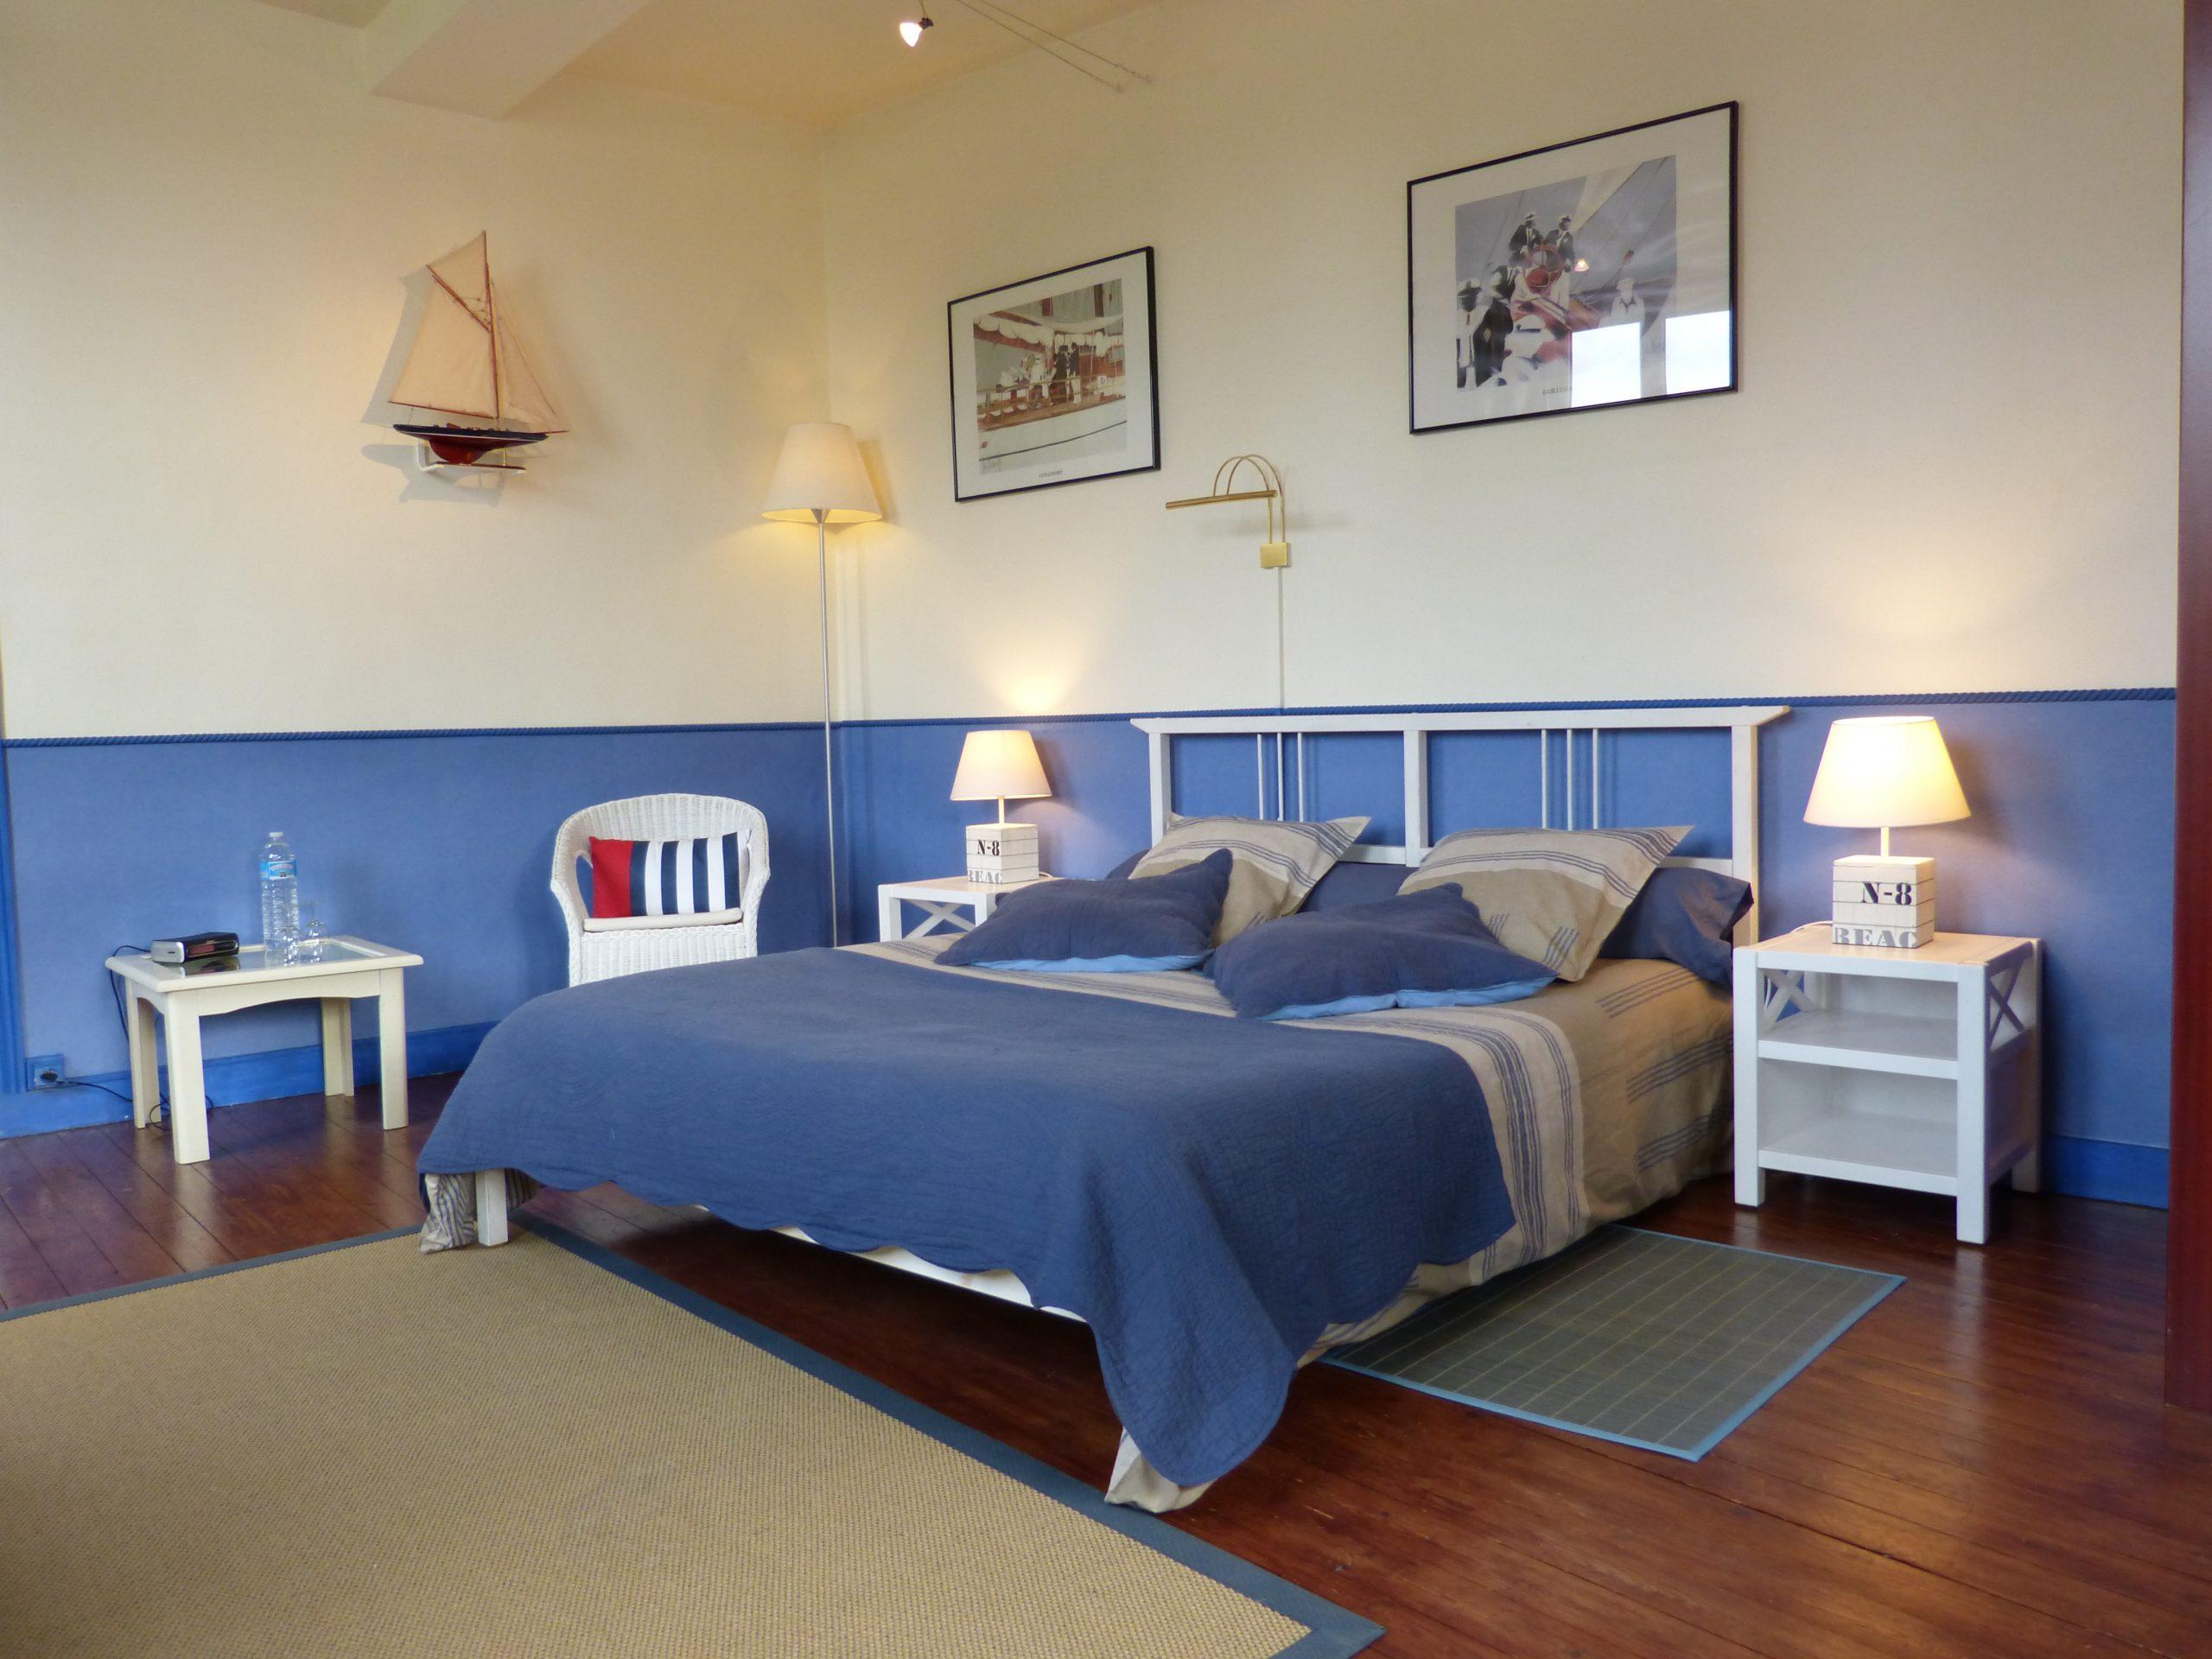 Chambres D'hotes Dordogne Avec Piscine Privee Hotel Particulier Du 19Eme  Siecle Proche De Bergerac destiné Horaire Piscine Bergerac